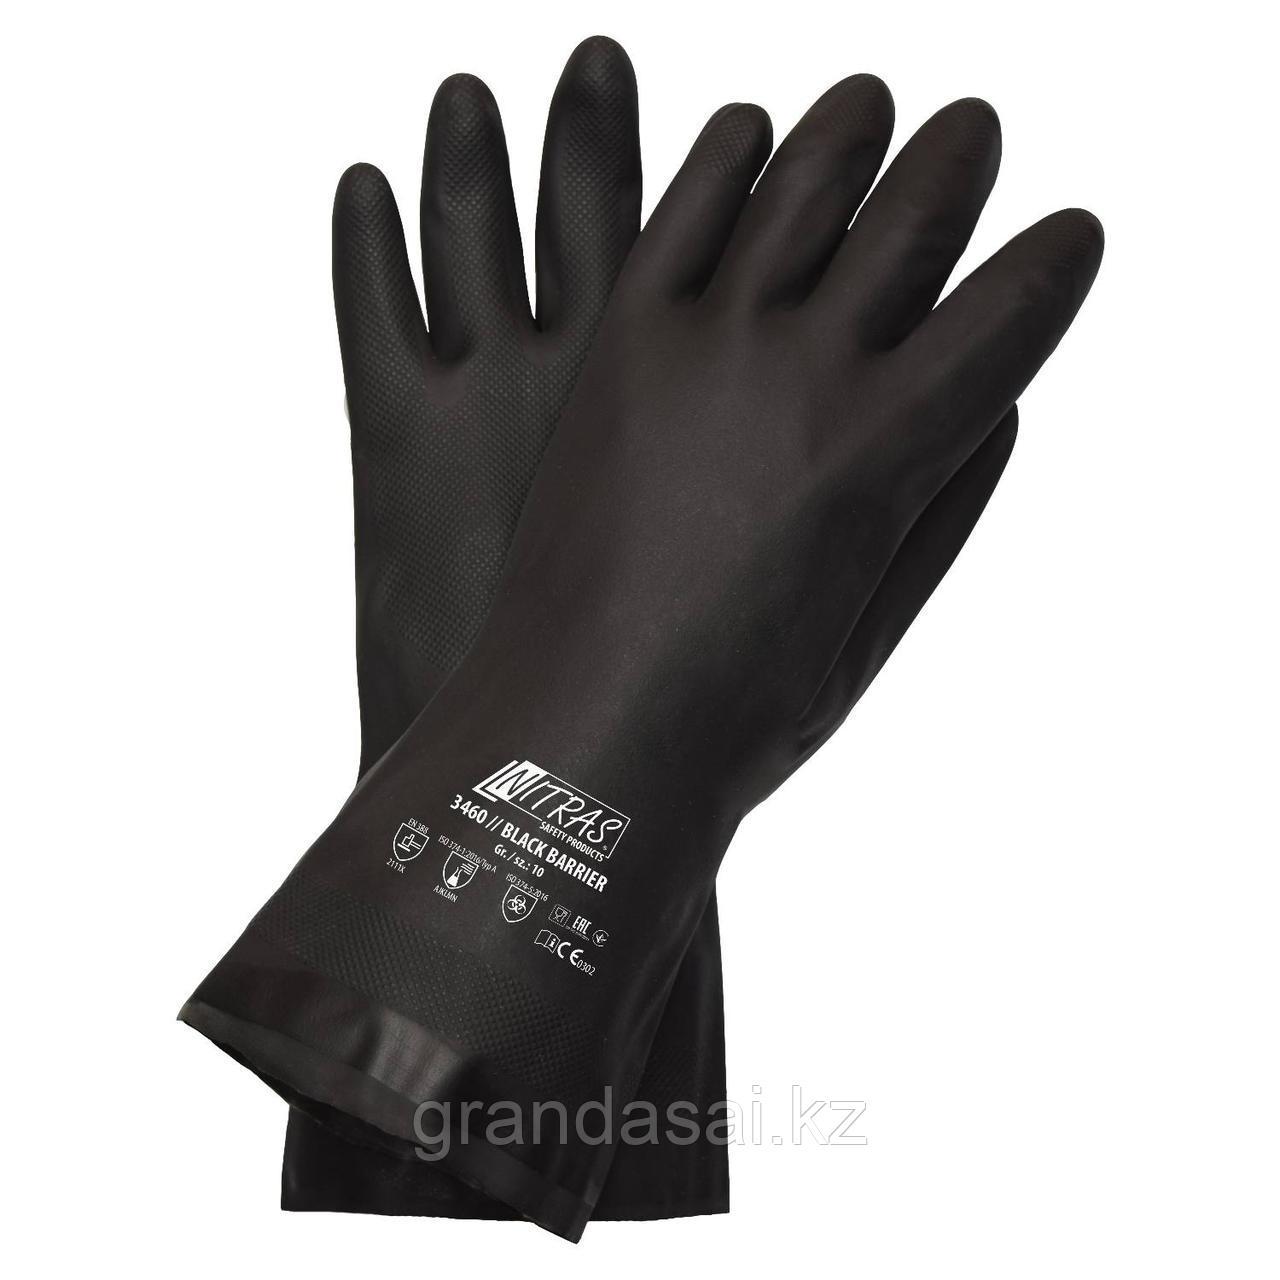 Химостойкие перчатки NITRAS BLACK BARRIER